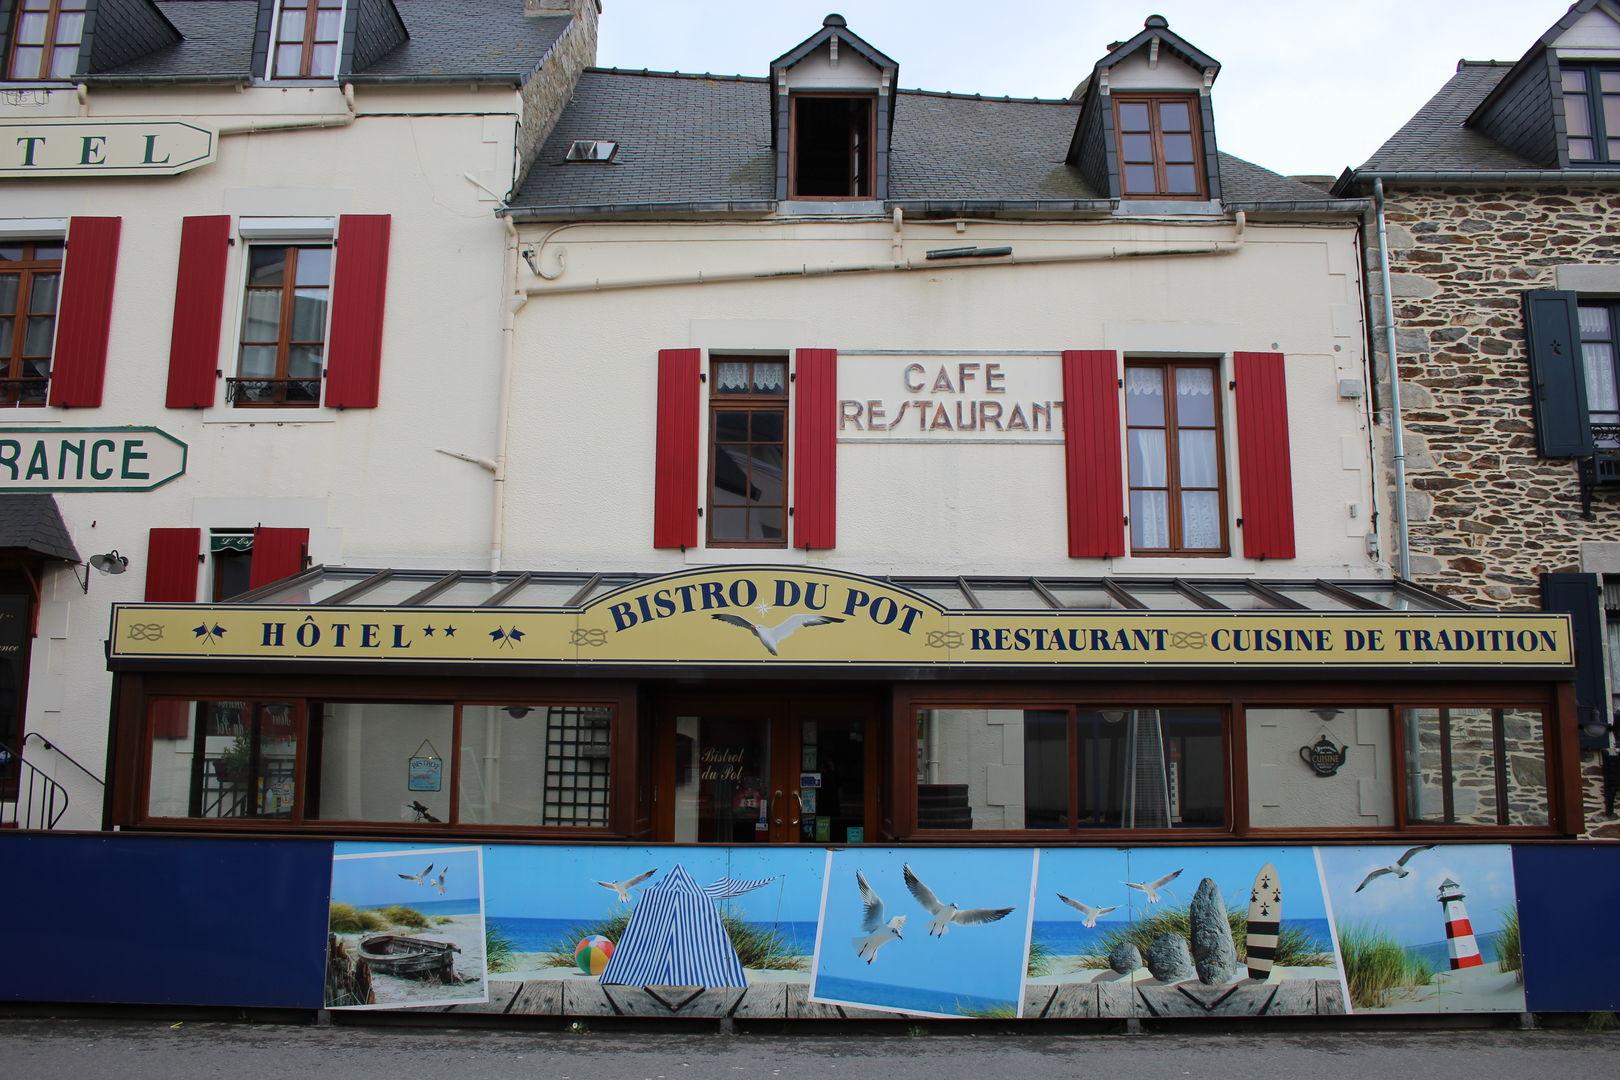 restaurantlebistrodupot-St-Cast-12.2019-MarieCarrée